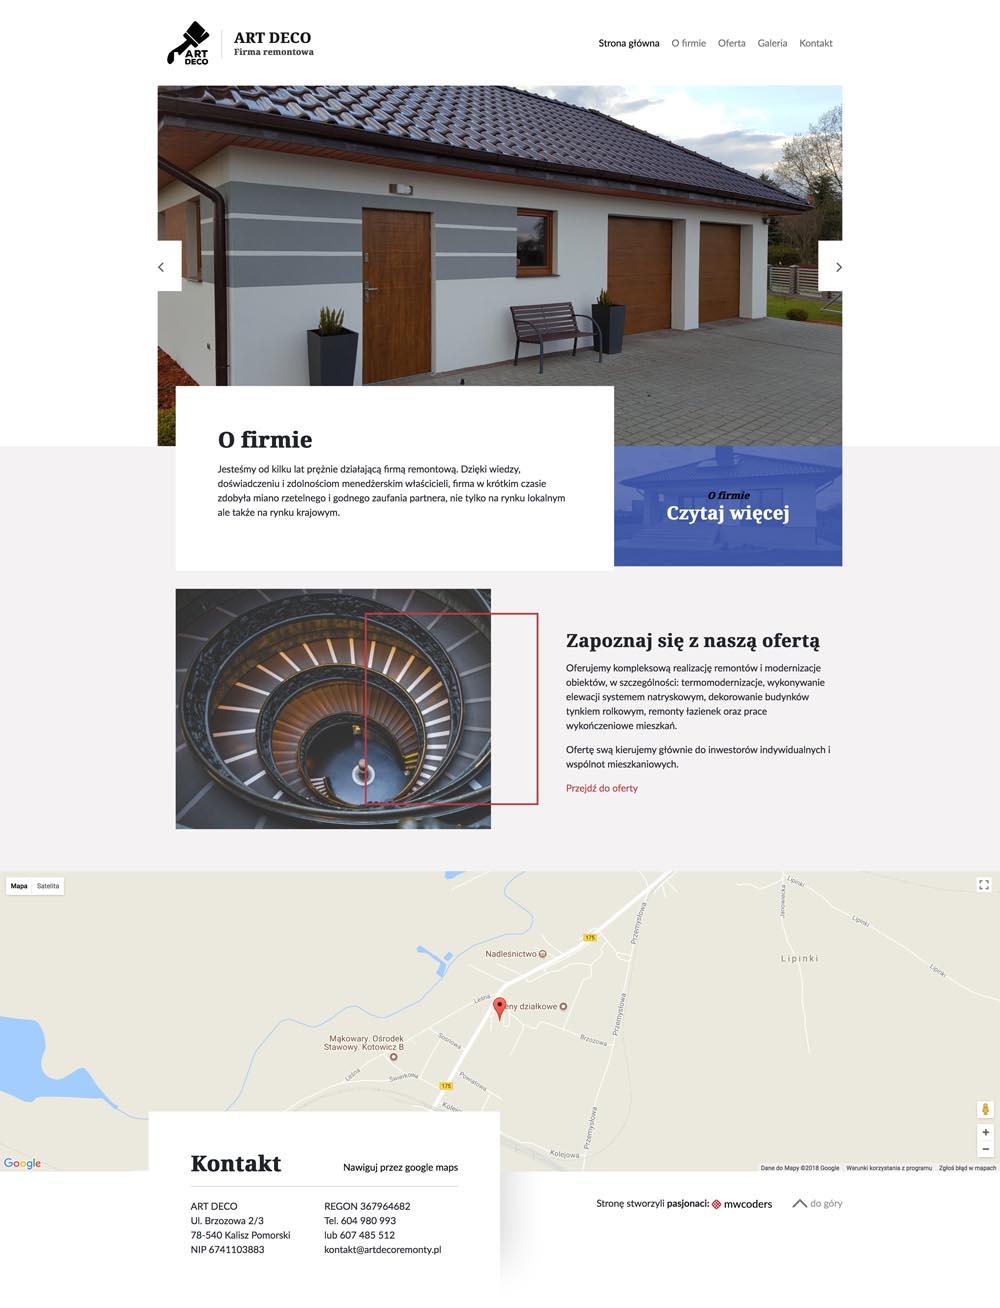 Projekt strony głównej artdecoremonty.pl